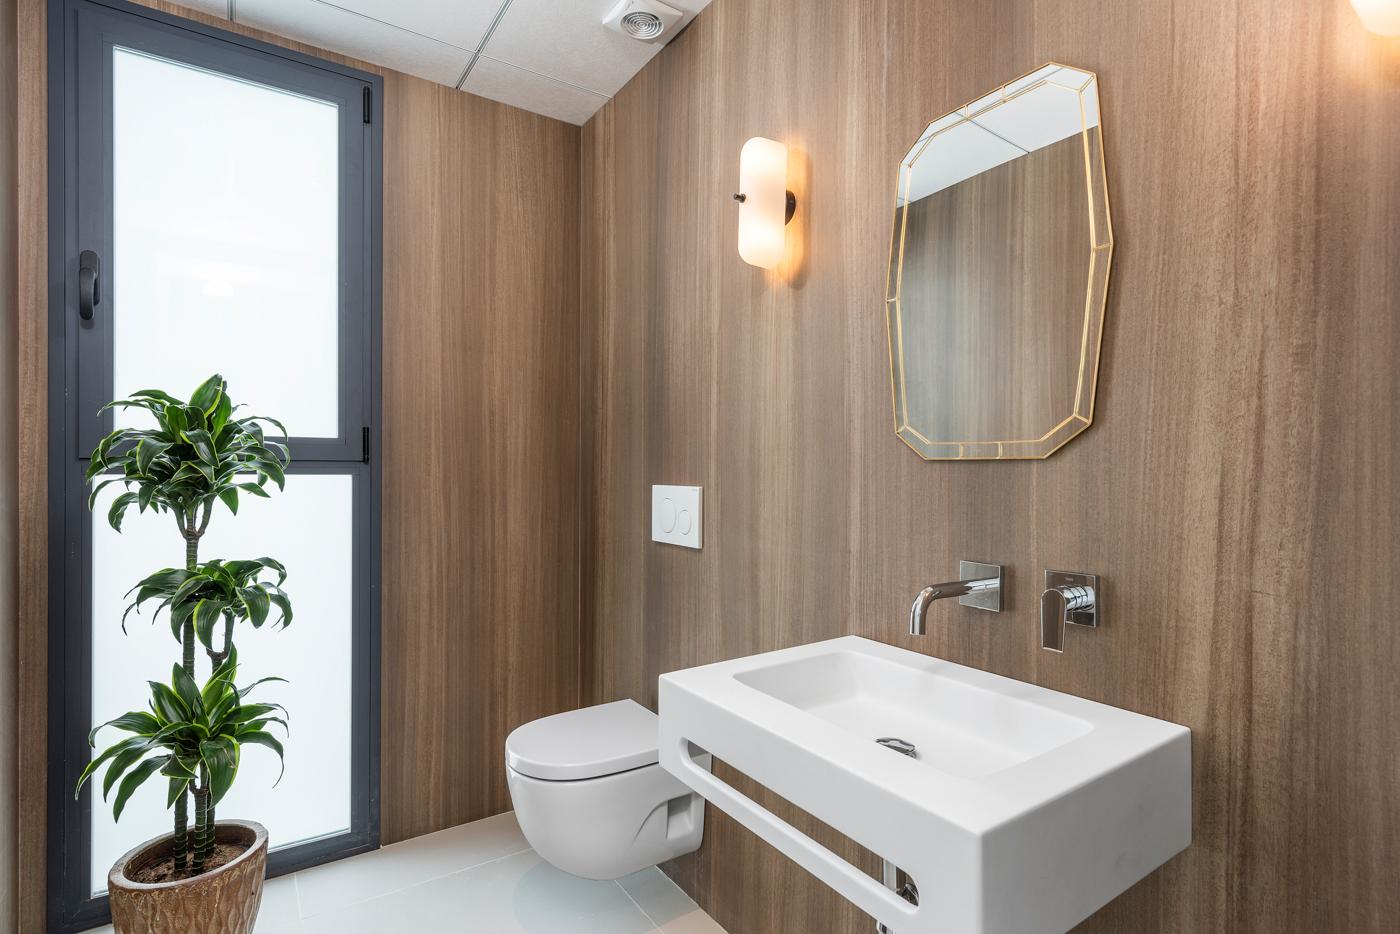 28 - Venecia III - Ground floor WC